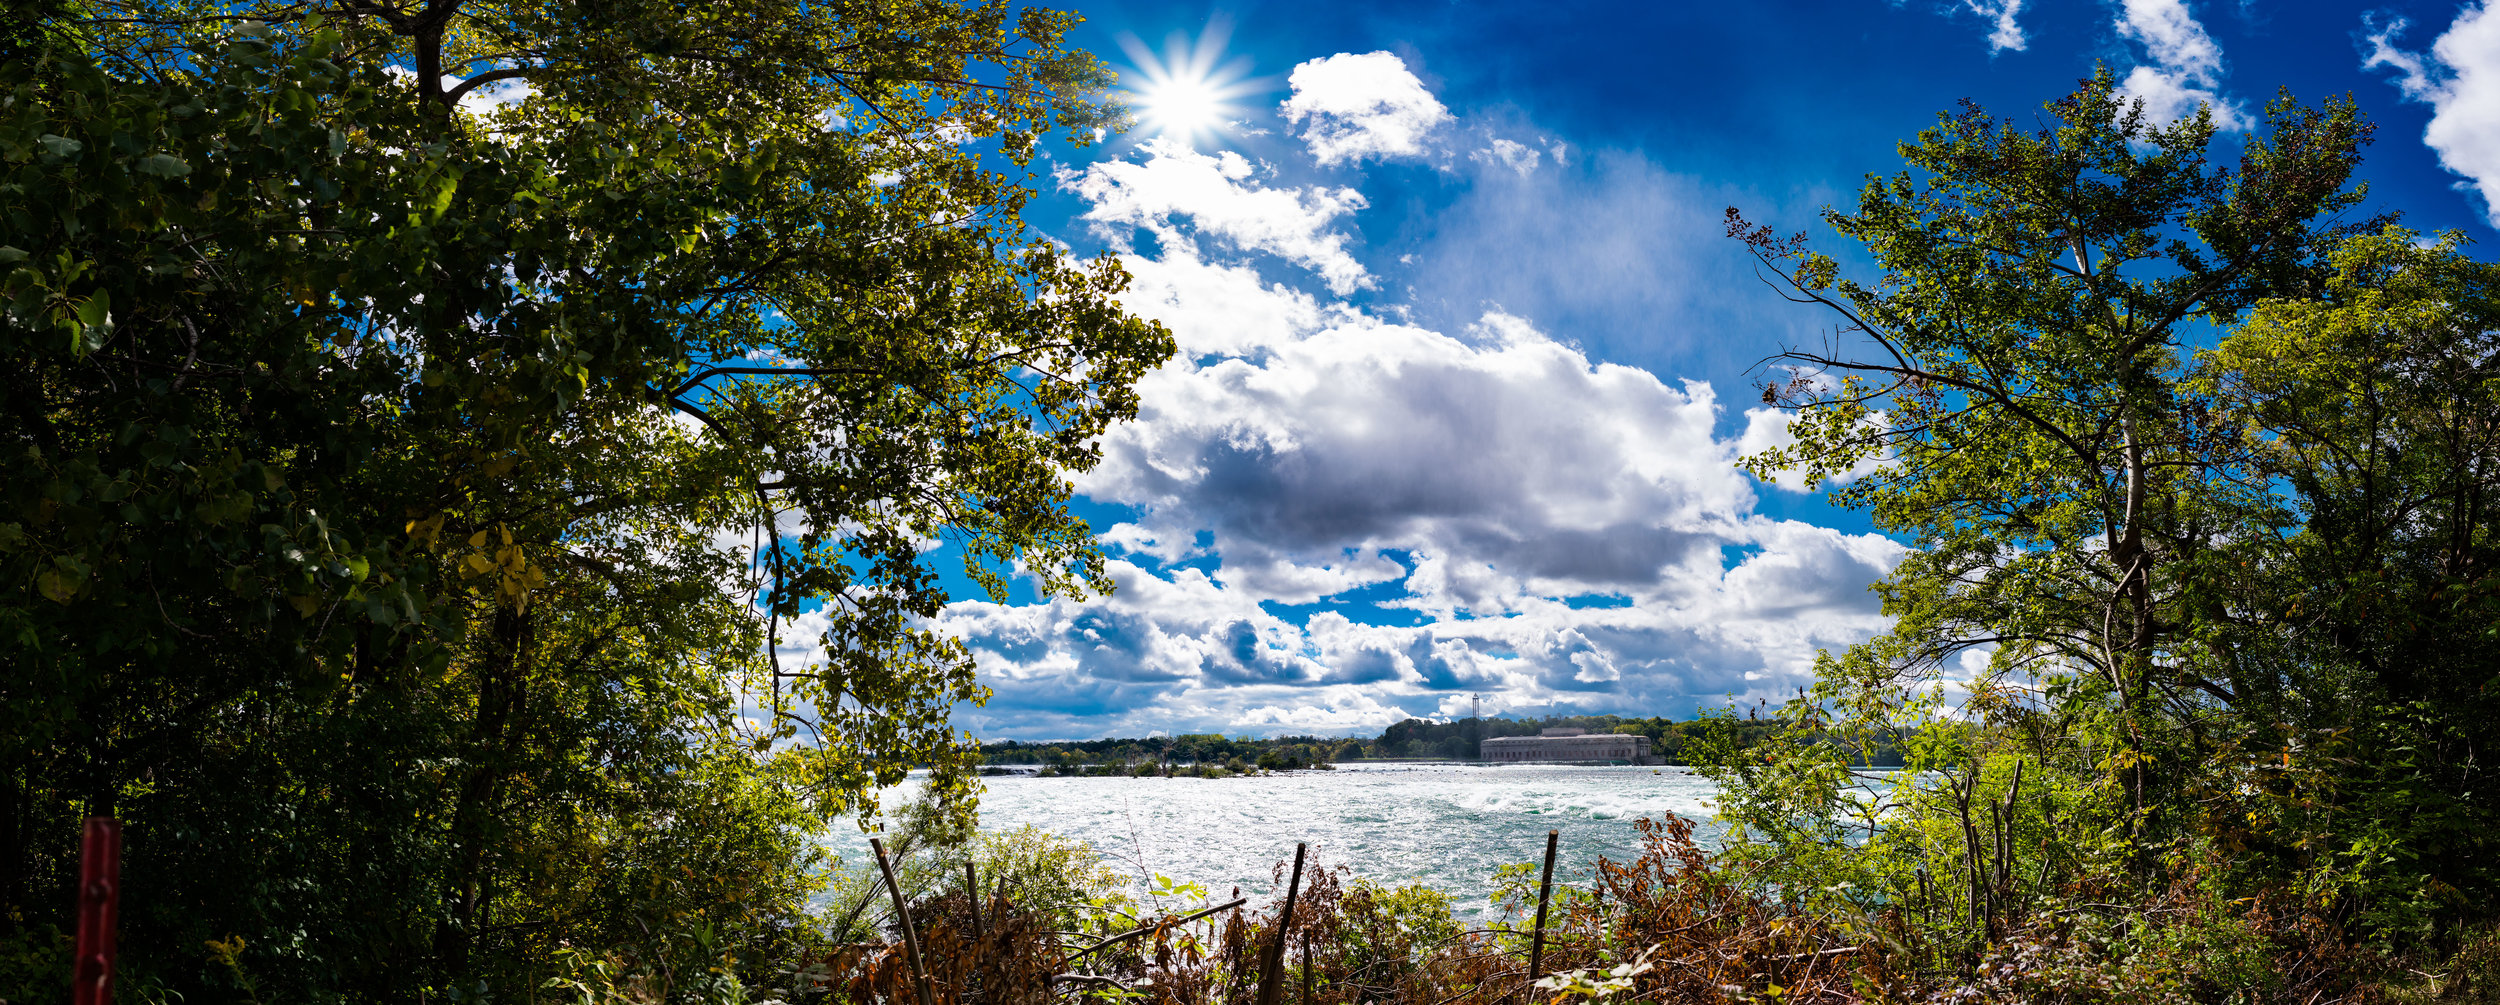 niagara falls-7.jpg